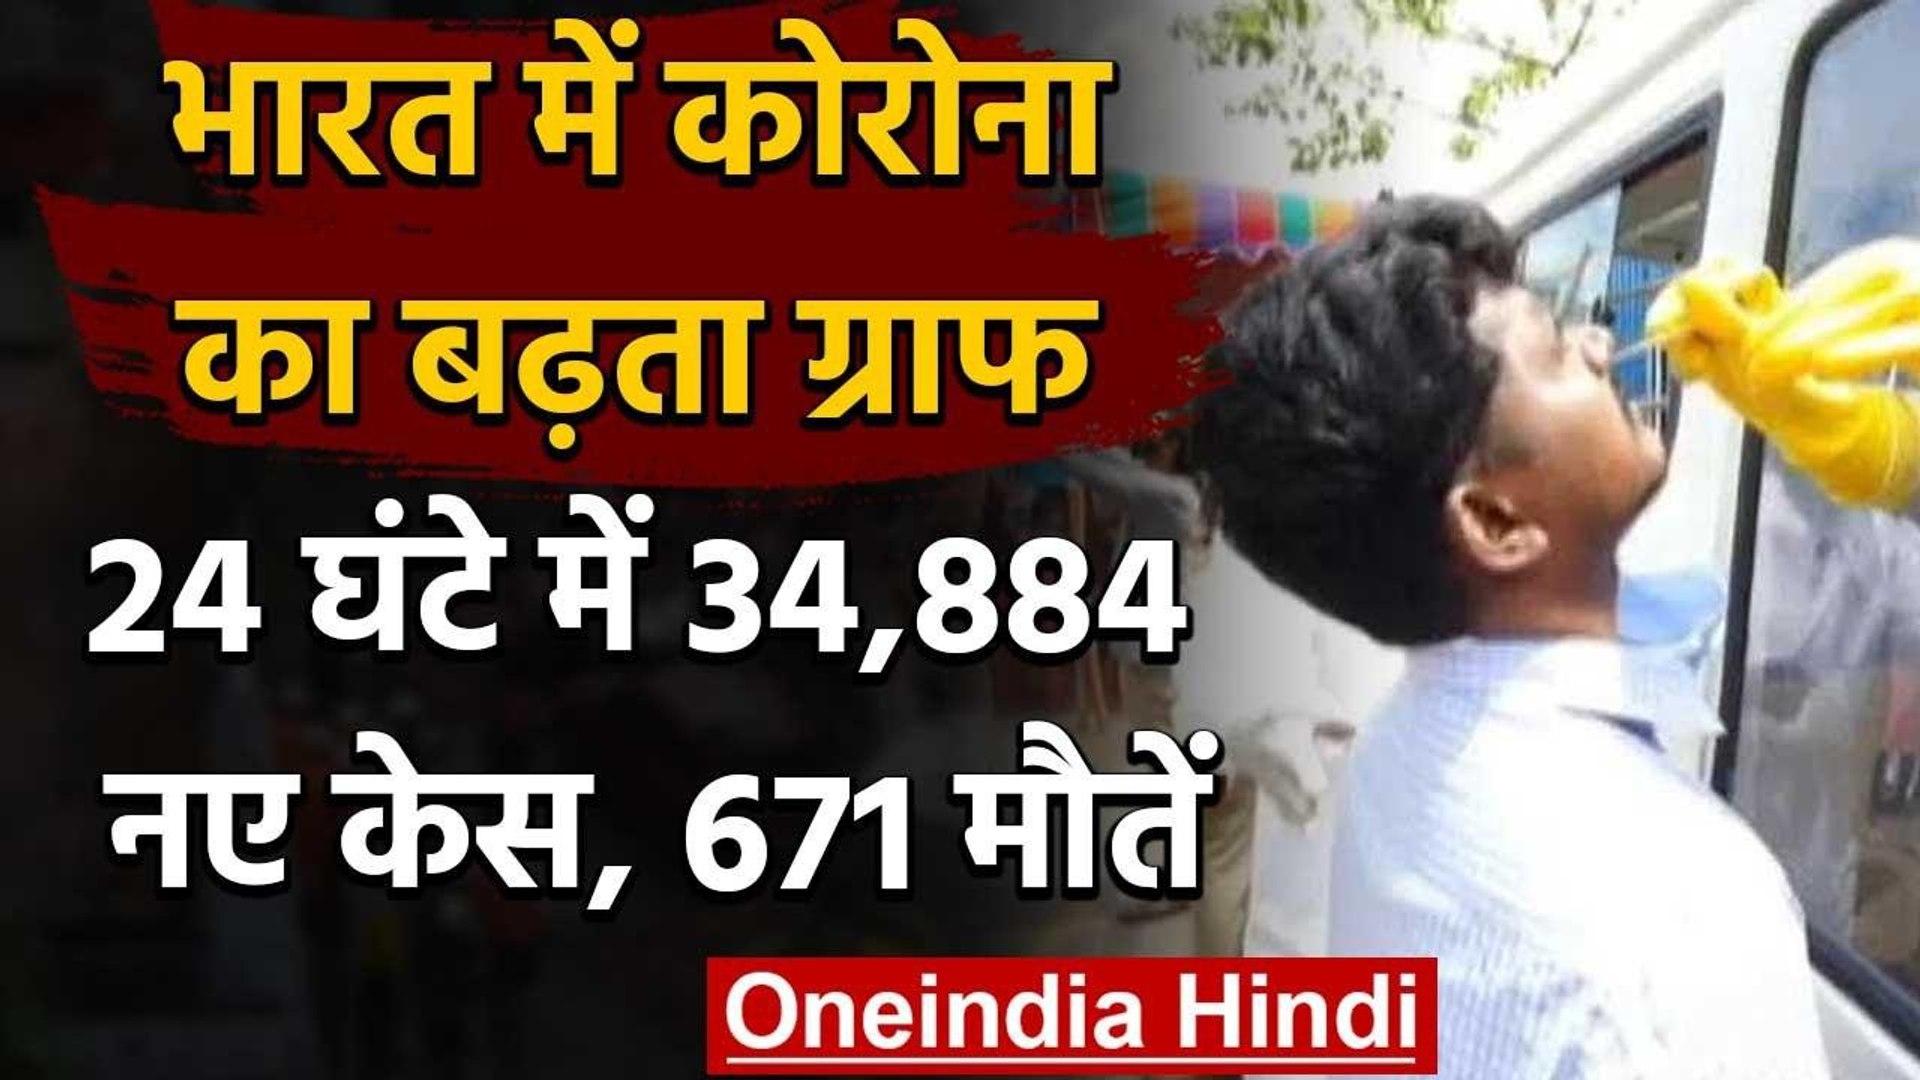 Coronavirus India: देश में मरीजों की संख्या 10.38 लाख पार, 34,884 नए केस   वनइंडिया हिंदी